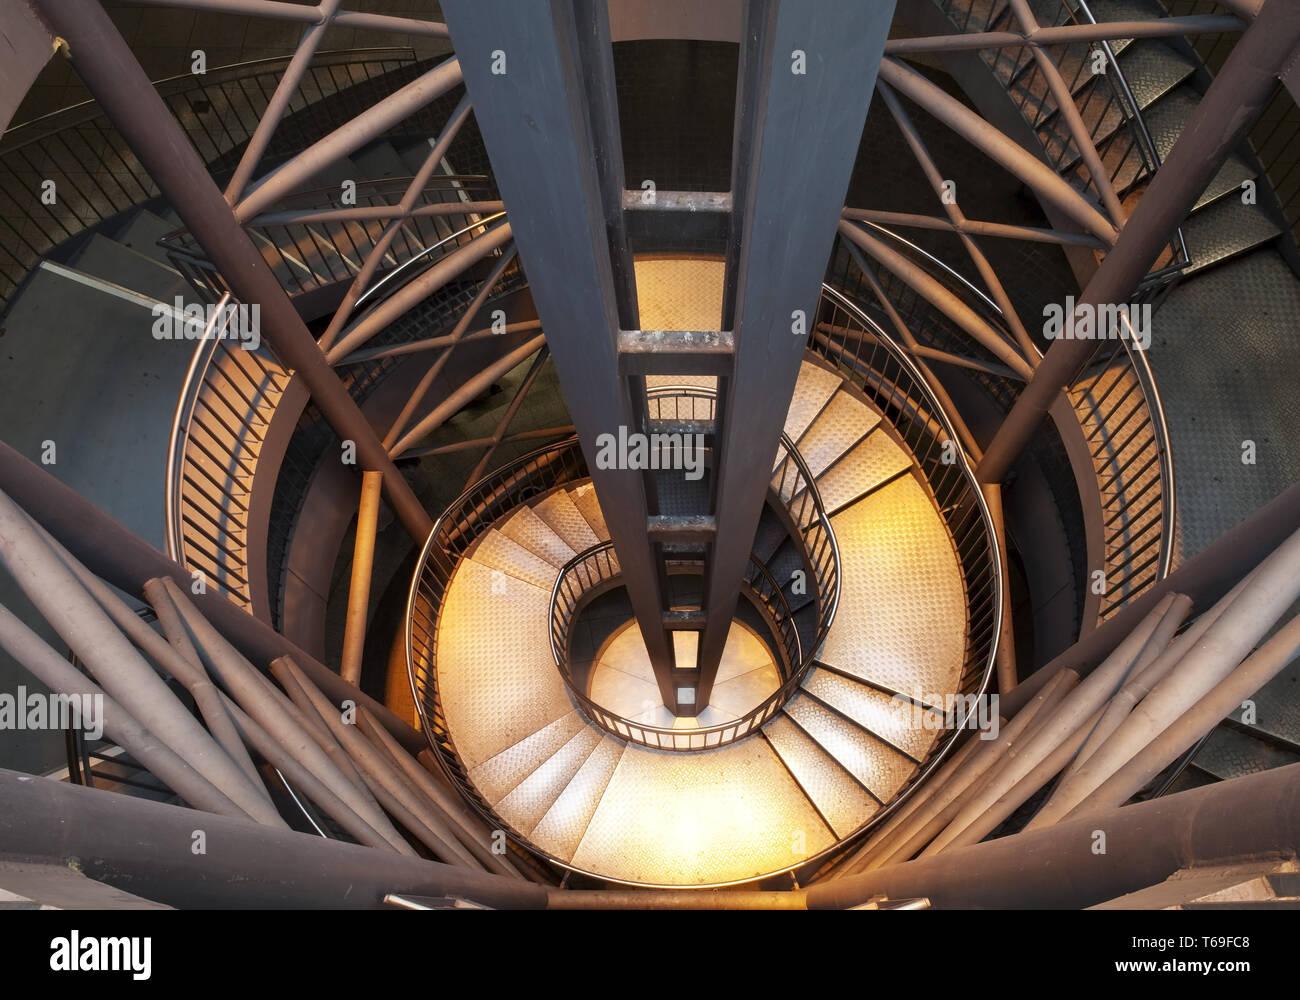 Des escaliers à la station de métro Reinoldikirche, Dortmund, Ruhr, Allemagne Photo Stock